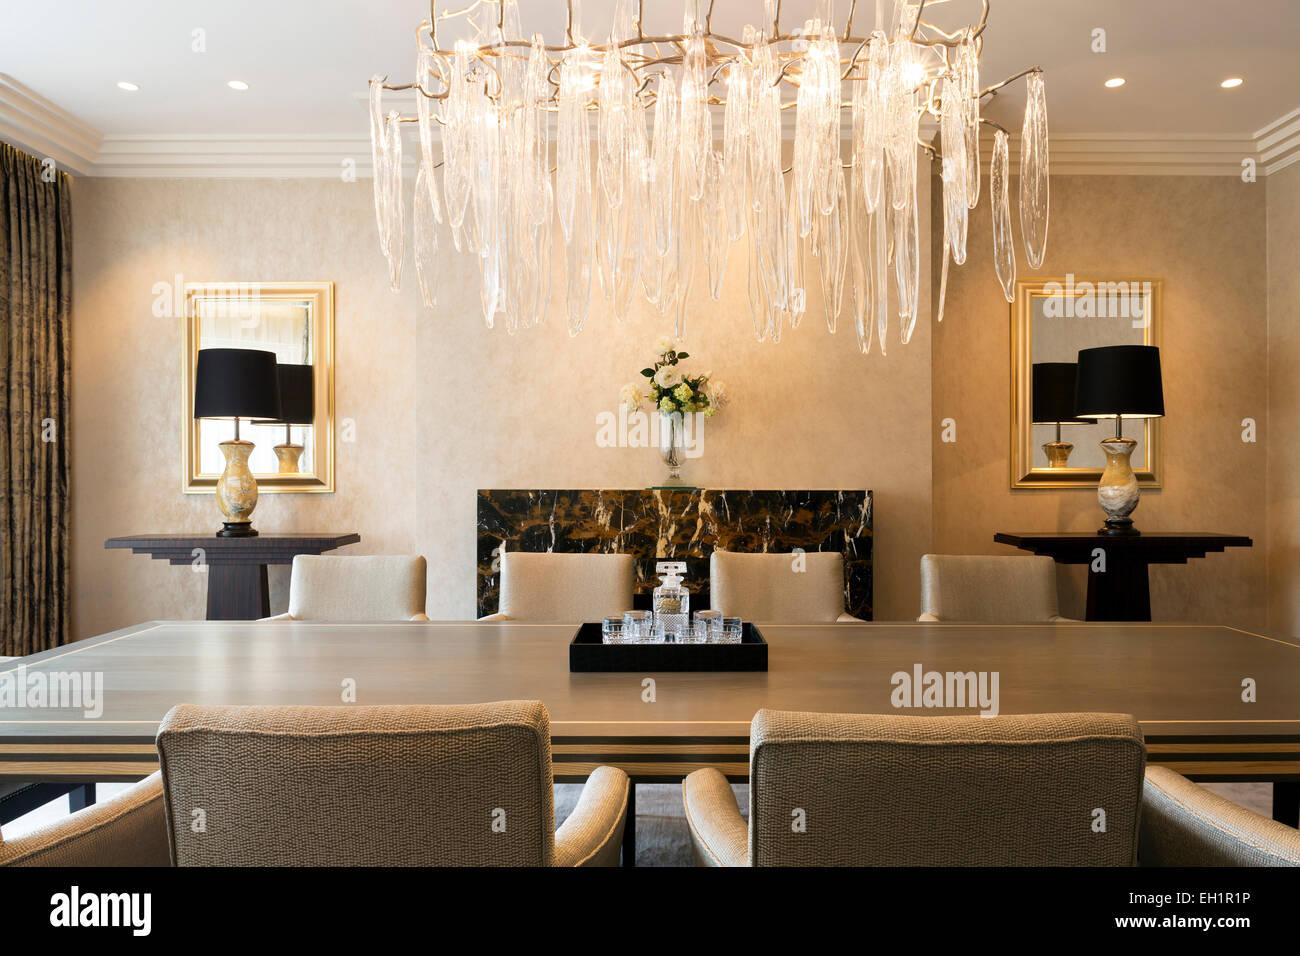 Tavoli Da Pranzo Di Lusso.Interni Di Lusso Progettati Home In Harrogate Sala Da Pranzo Con Un